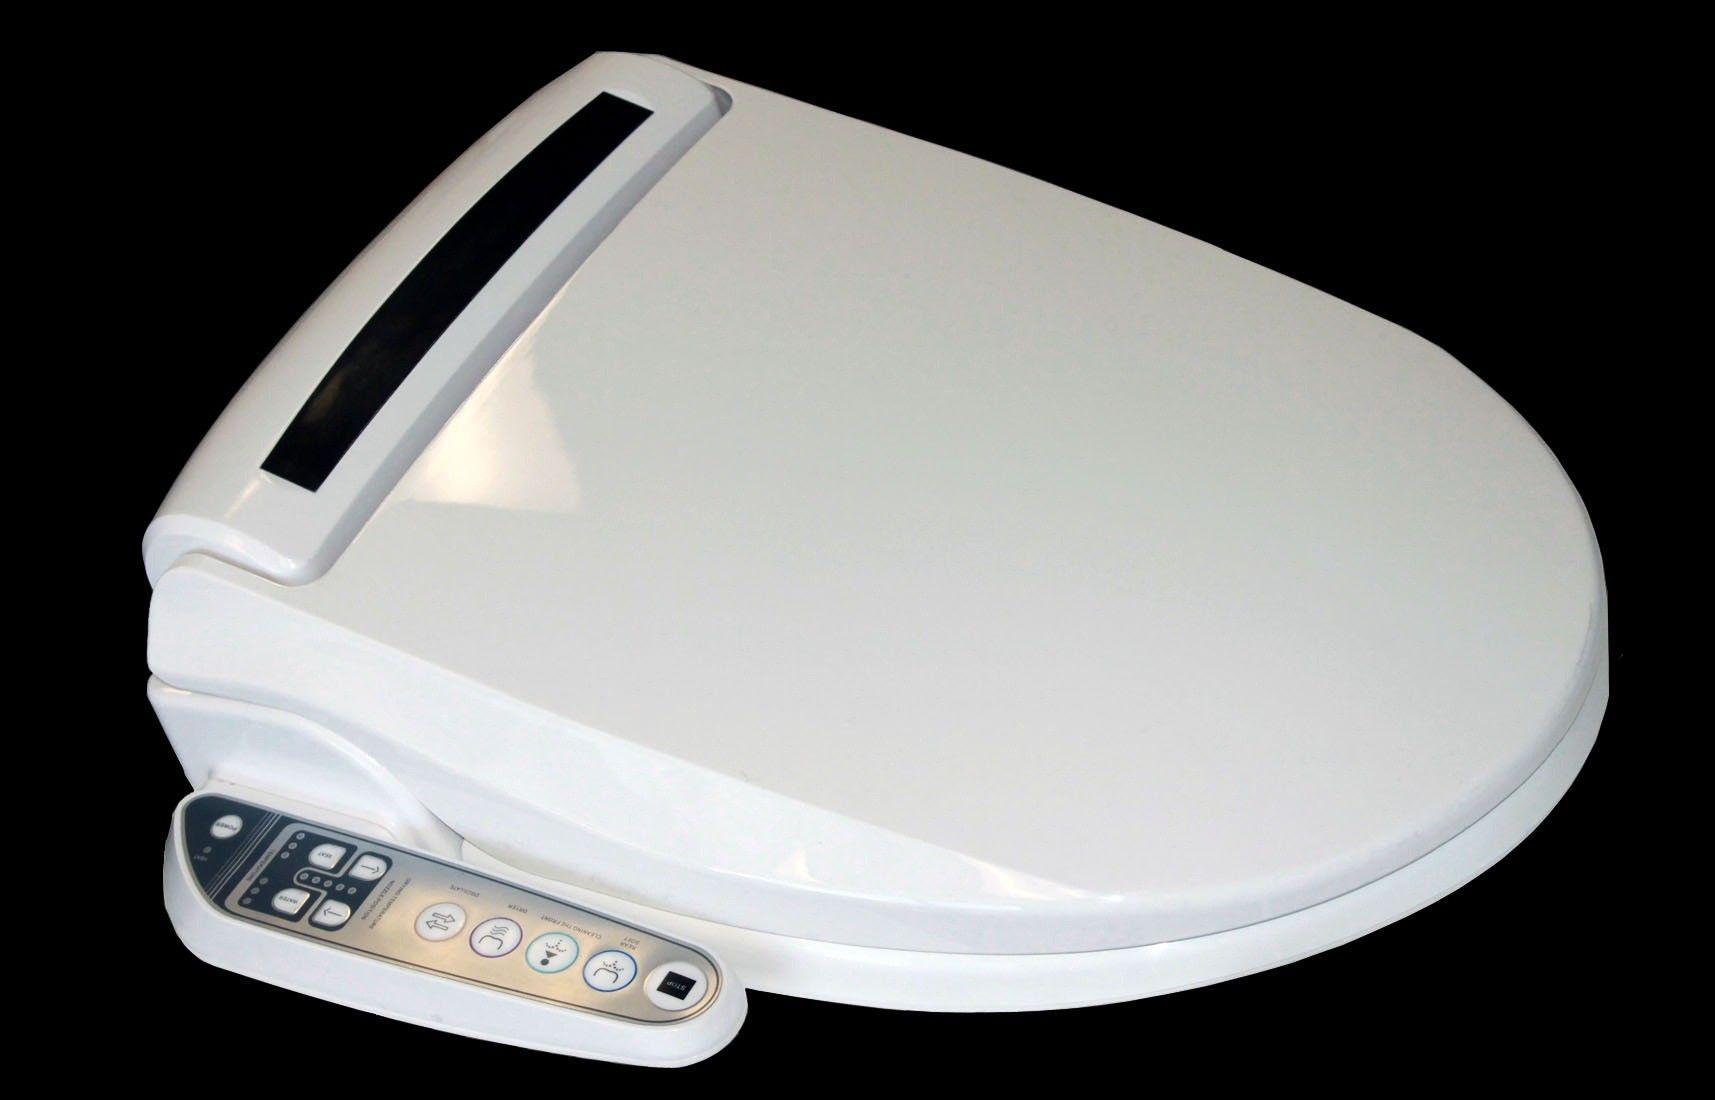 Spa Toilet Seat : Luxury bidet spa auto electronic toilet seat toilet spa and luxury